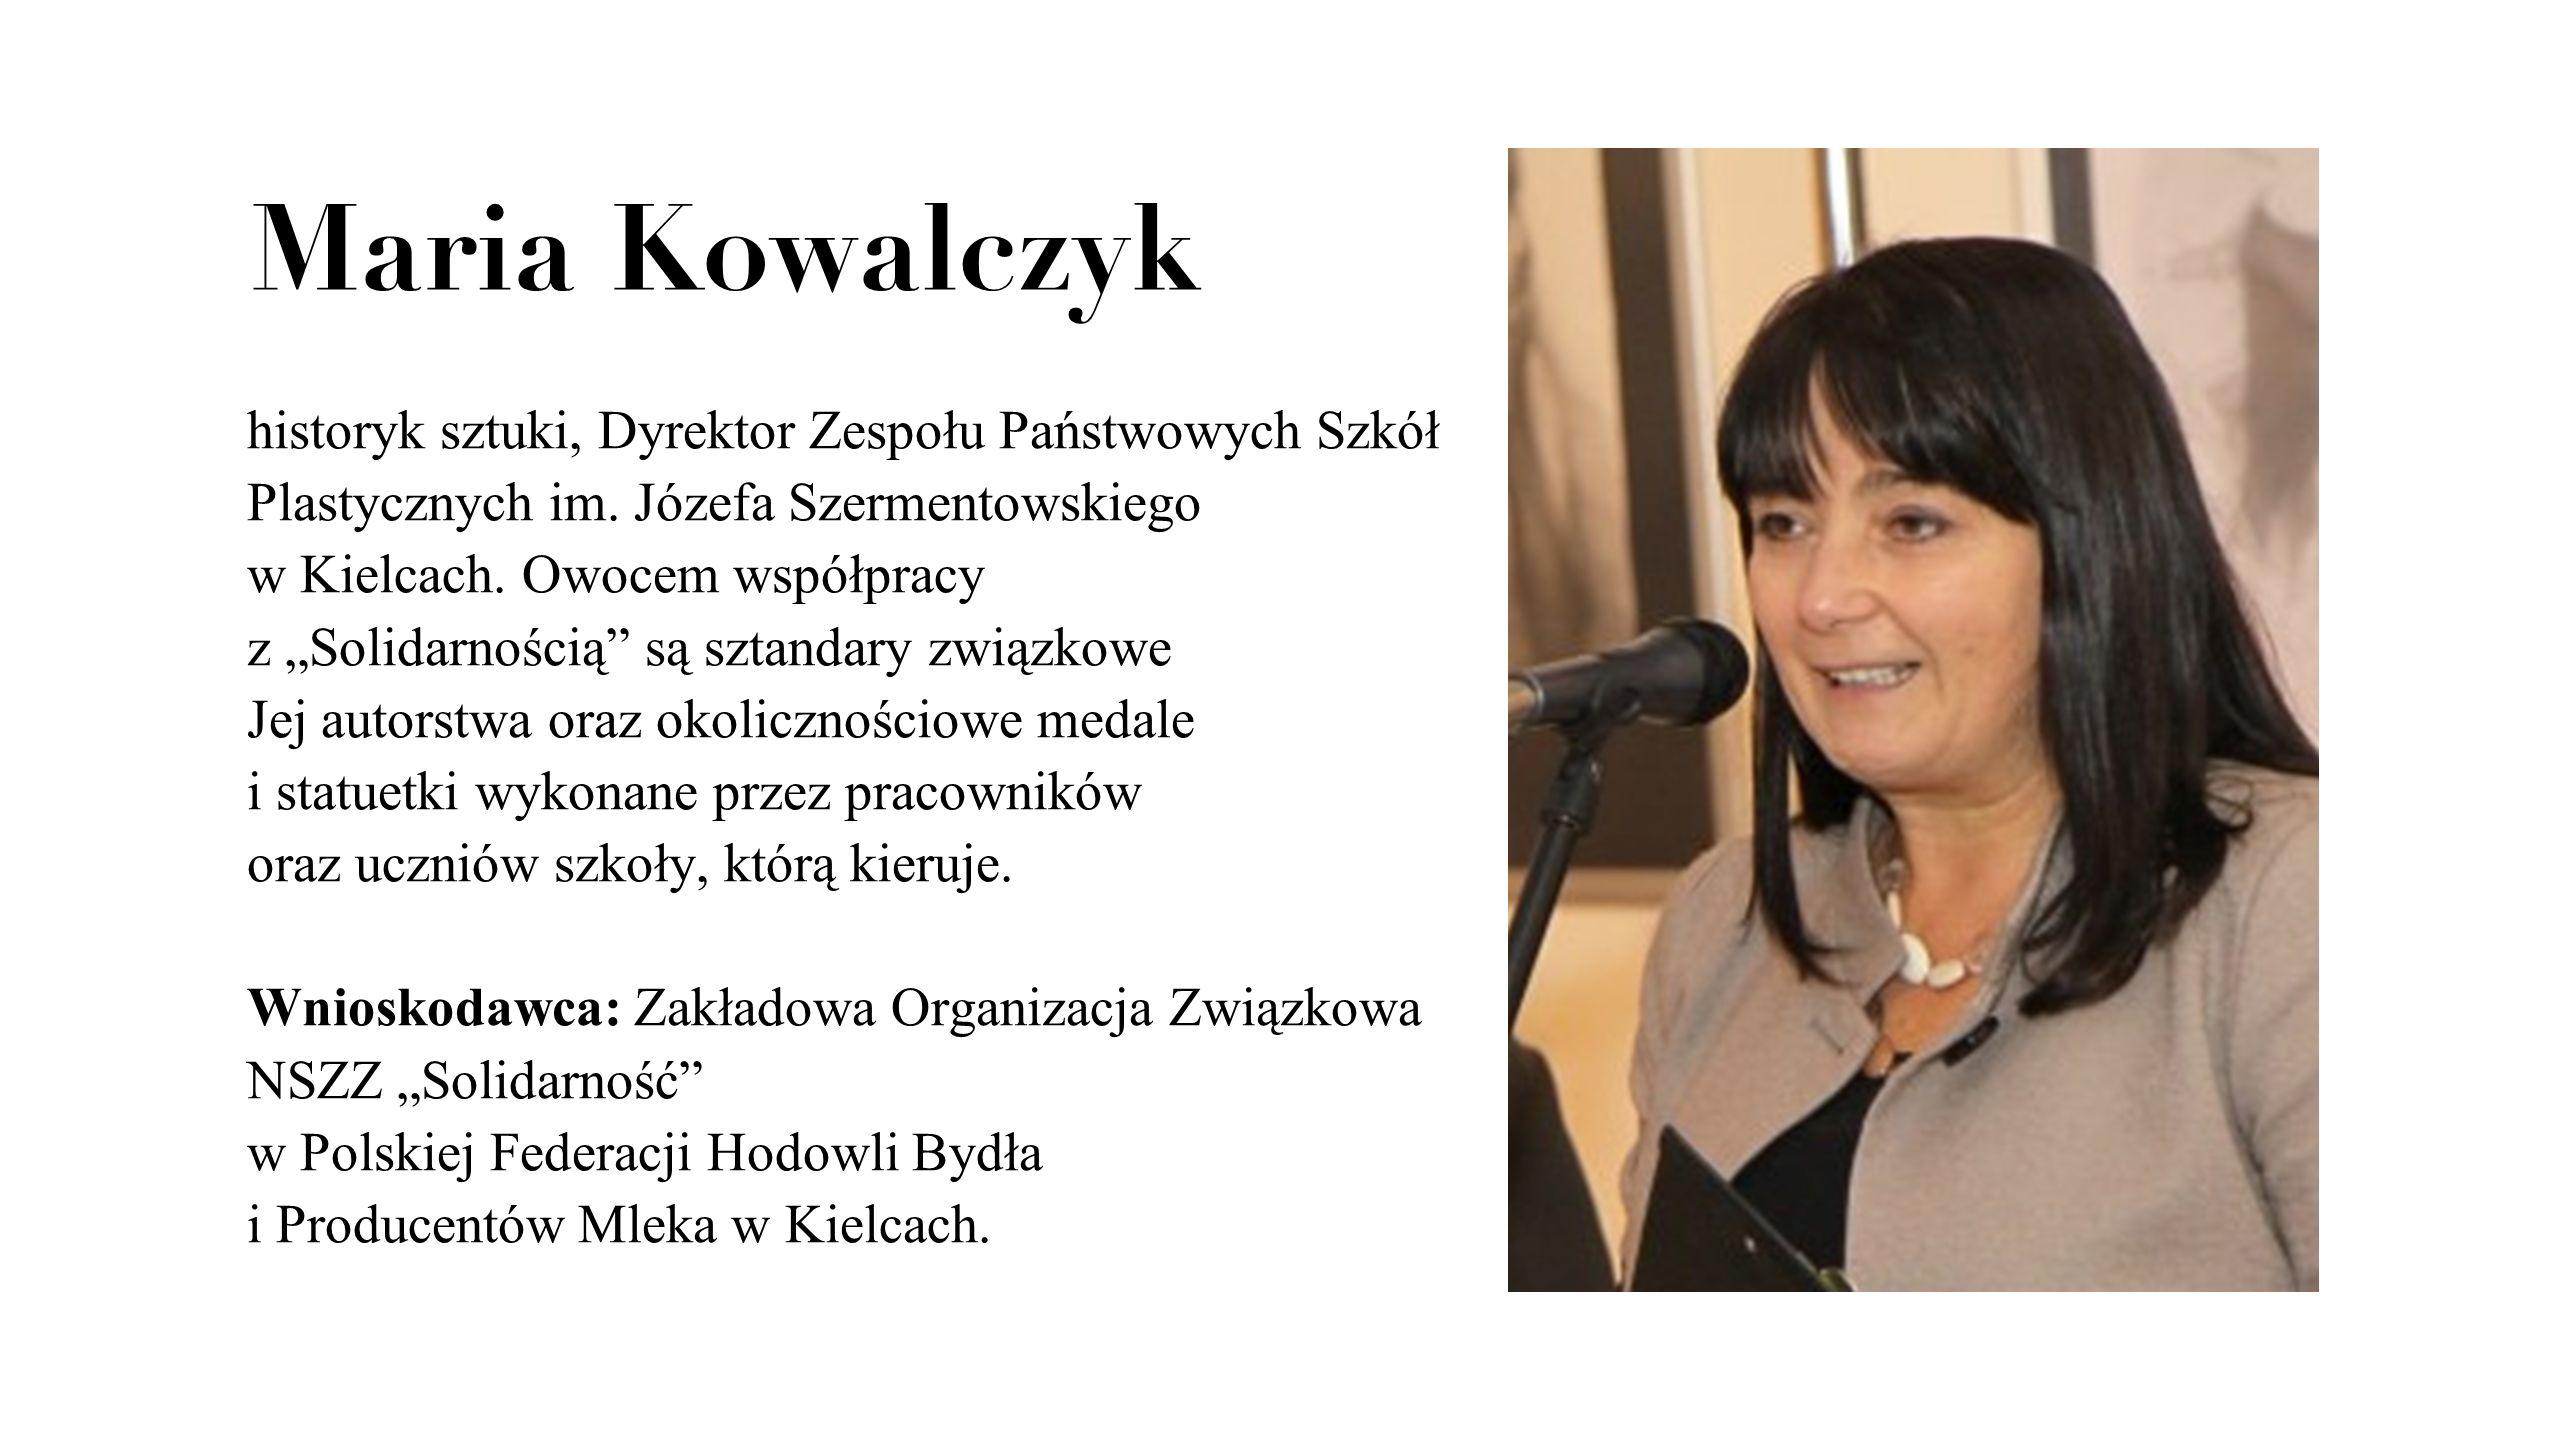 Maria Kowalczyk